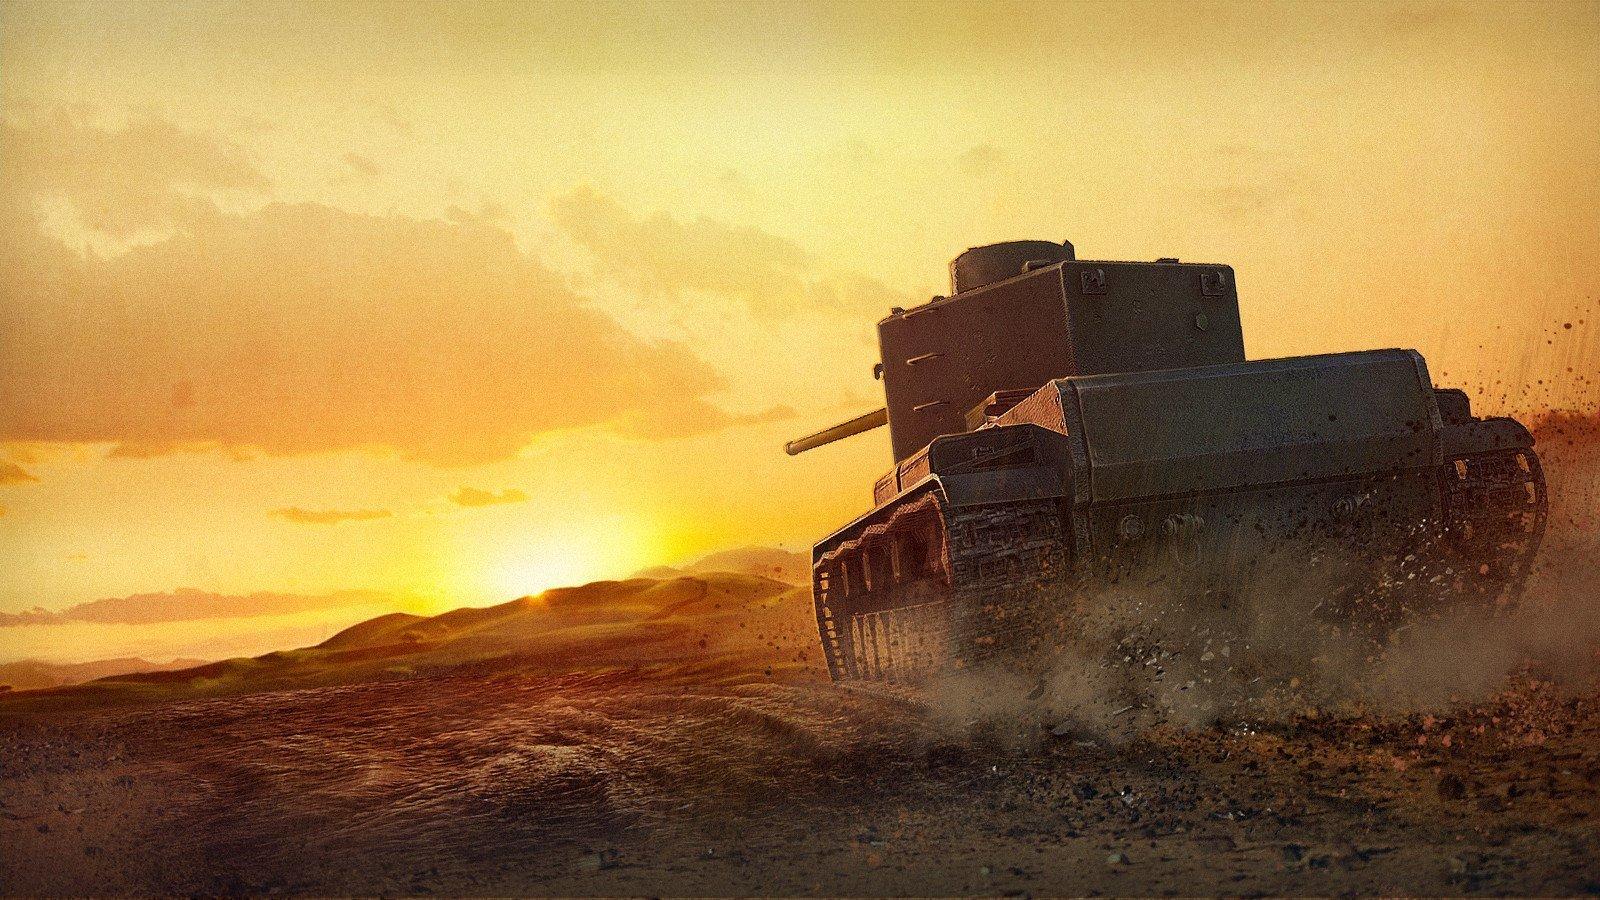 КВ-5 снова в World Of Tanks, но только Blitz . - Изображение 1